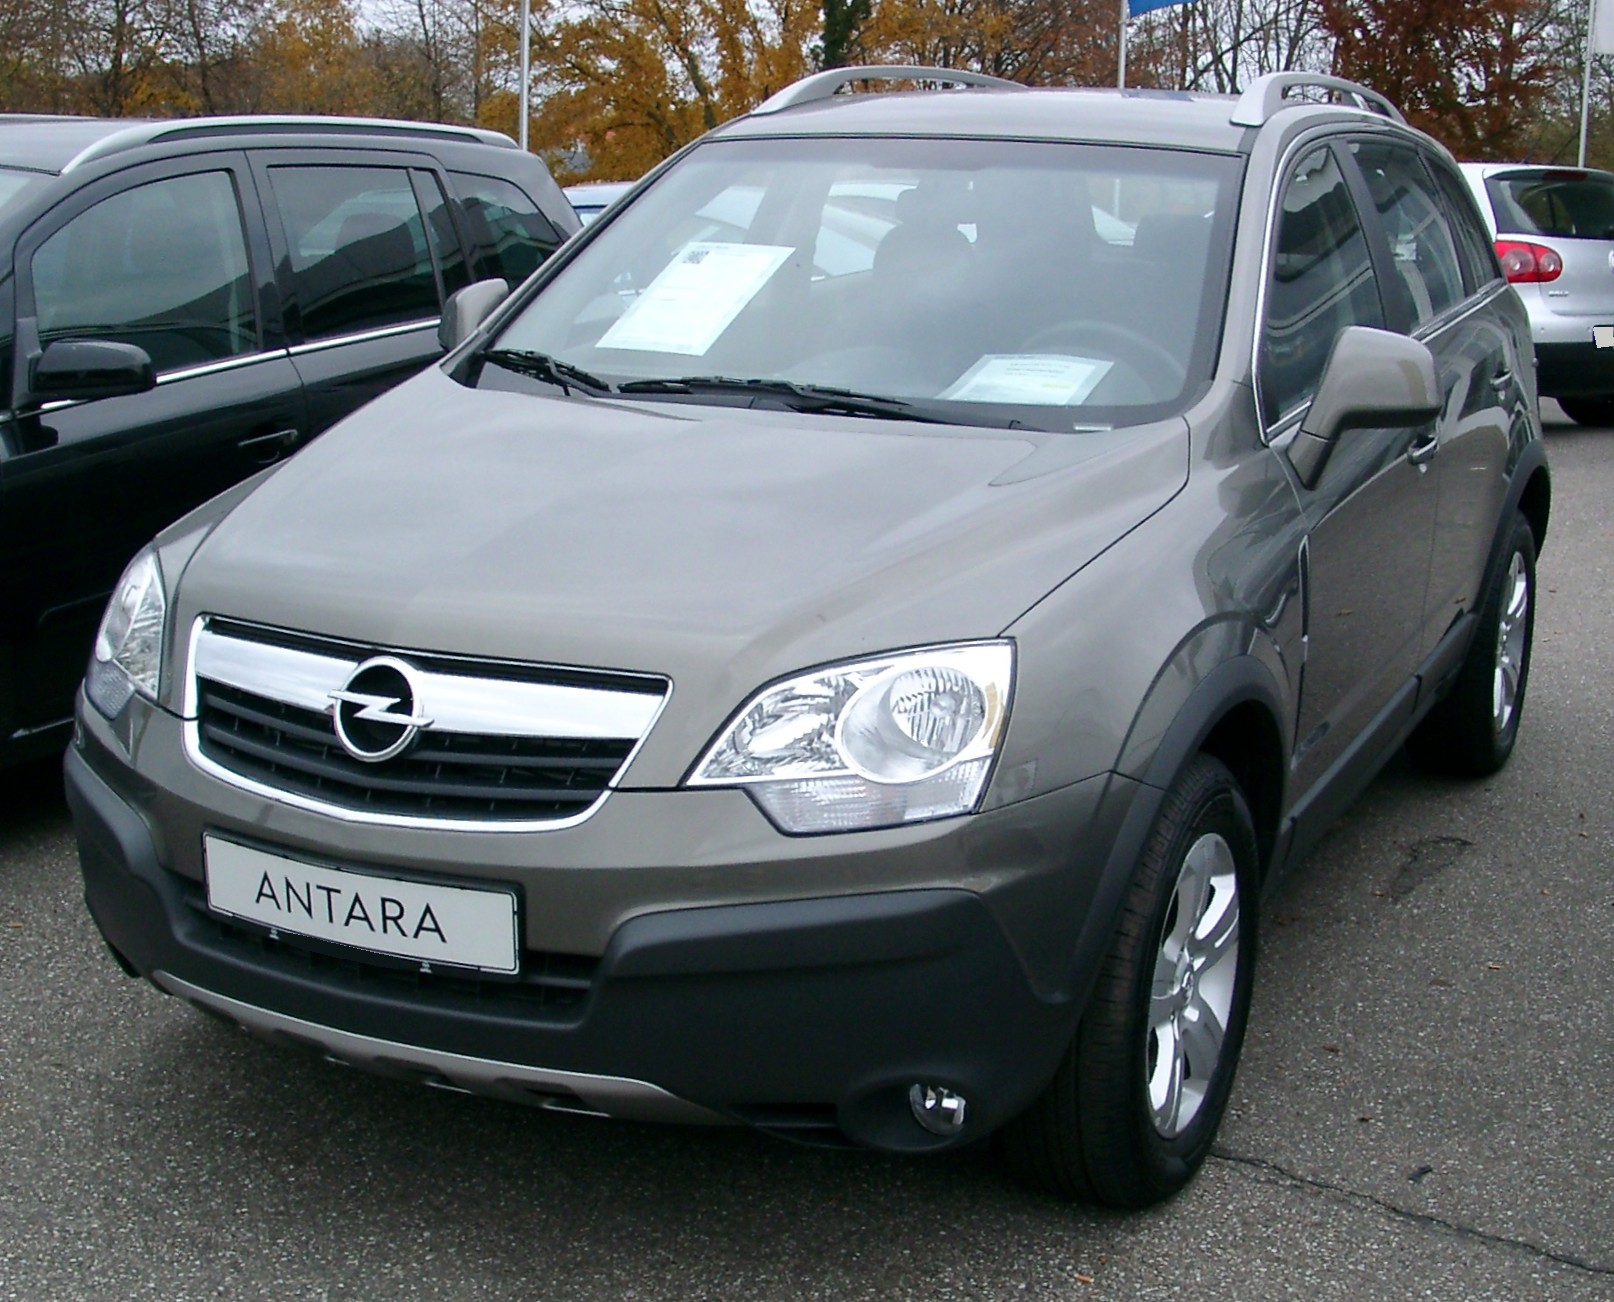 Opel_Antara.jpg